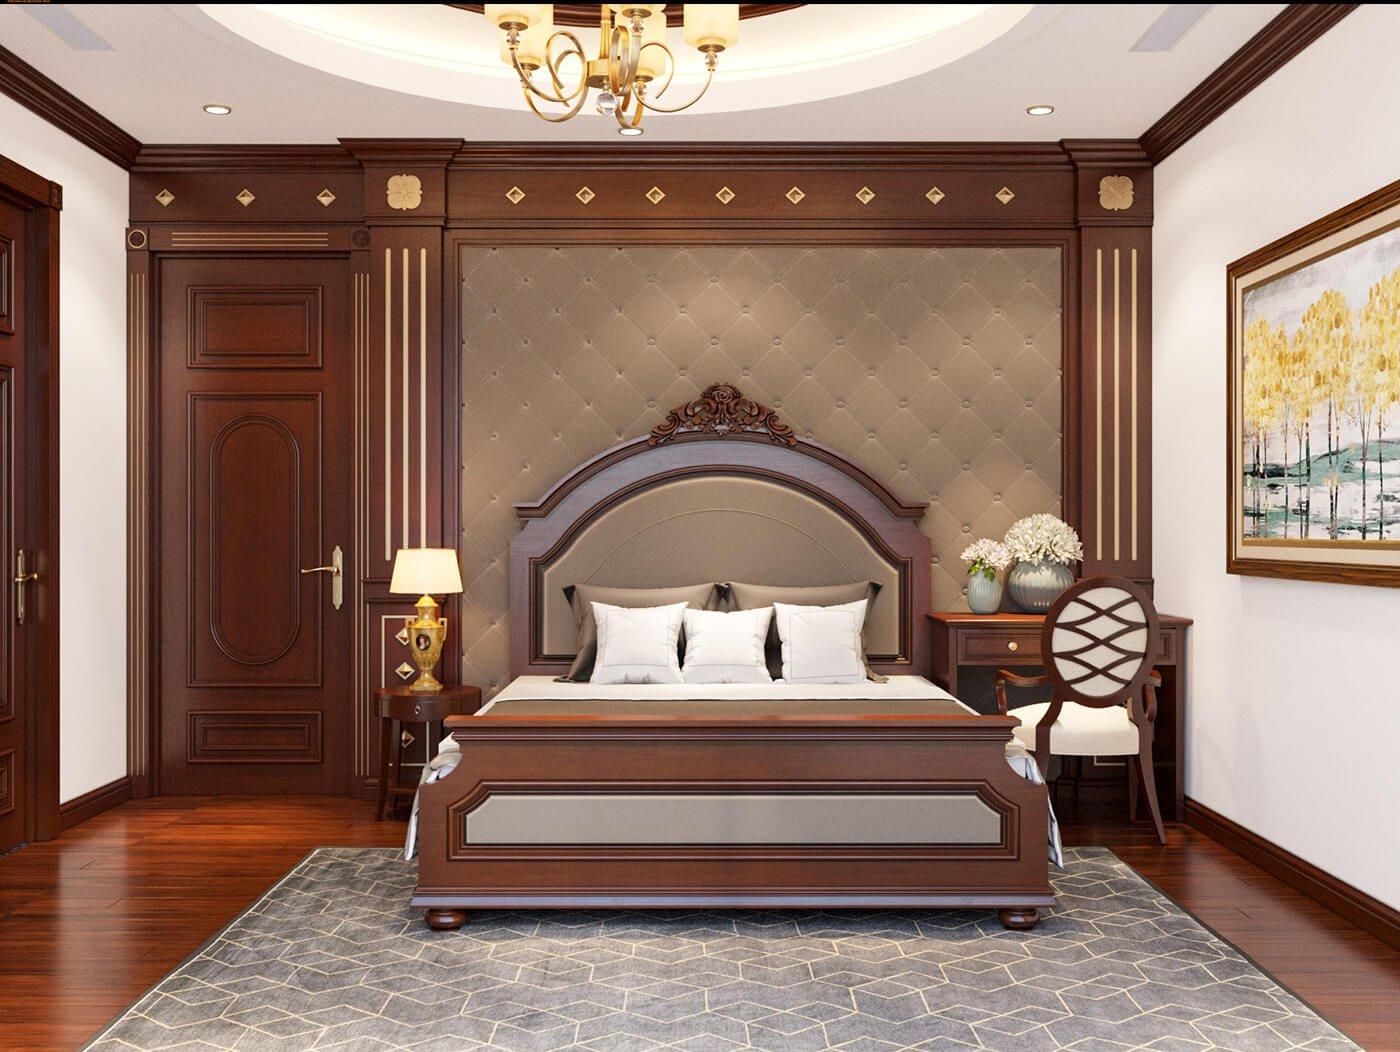 nhà phố 4 tầng hiện đại 4x10m phòng ngủ